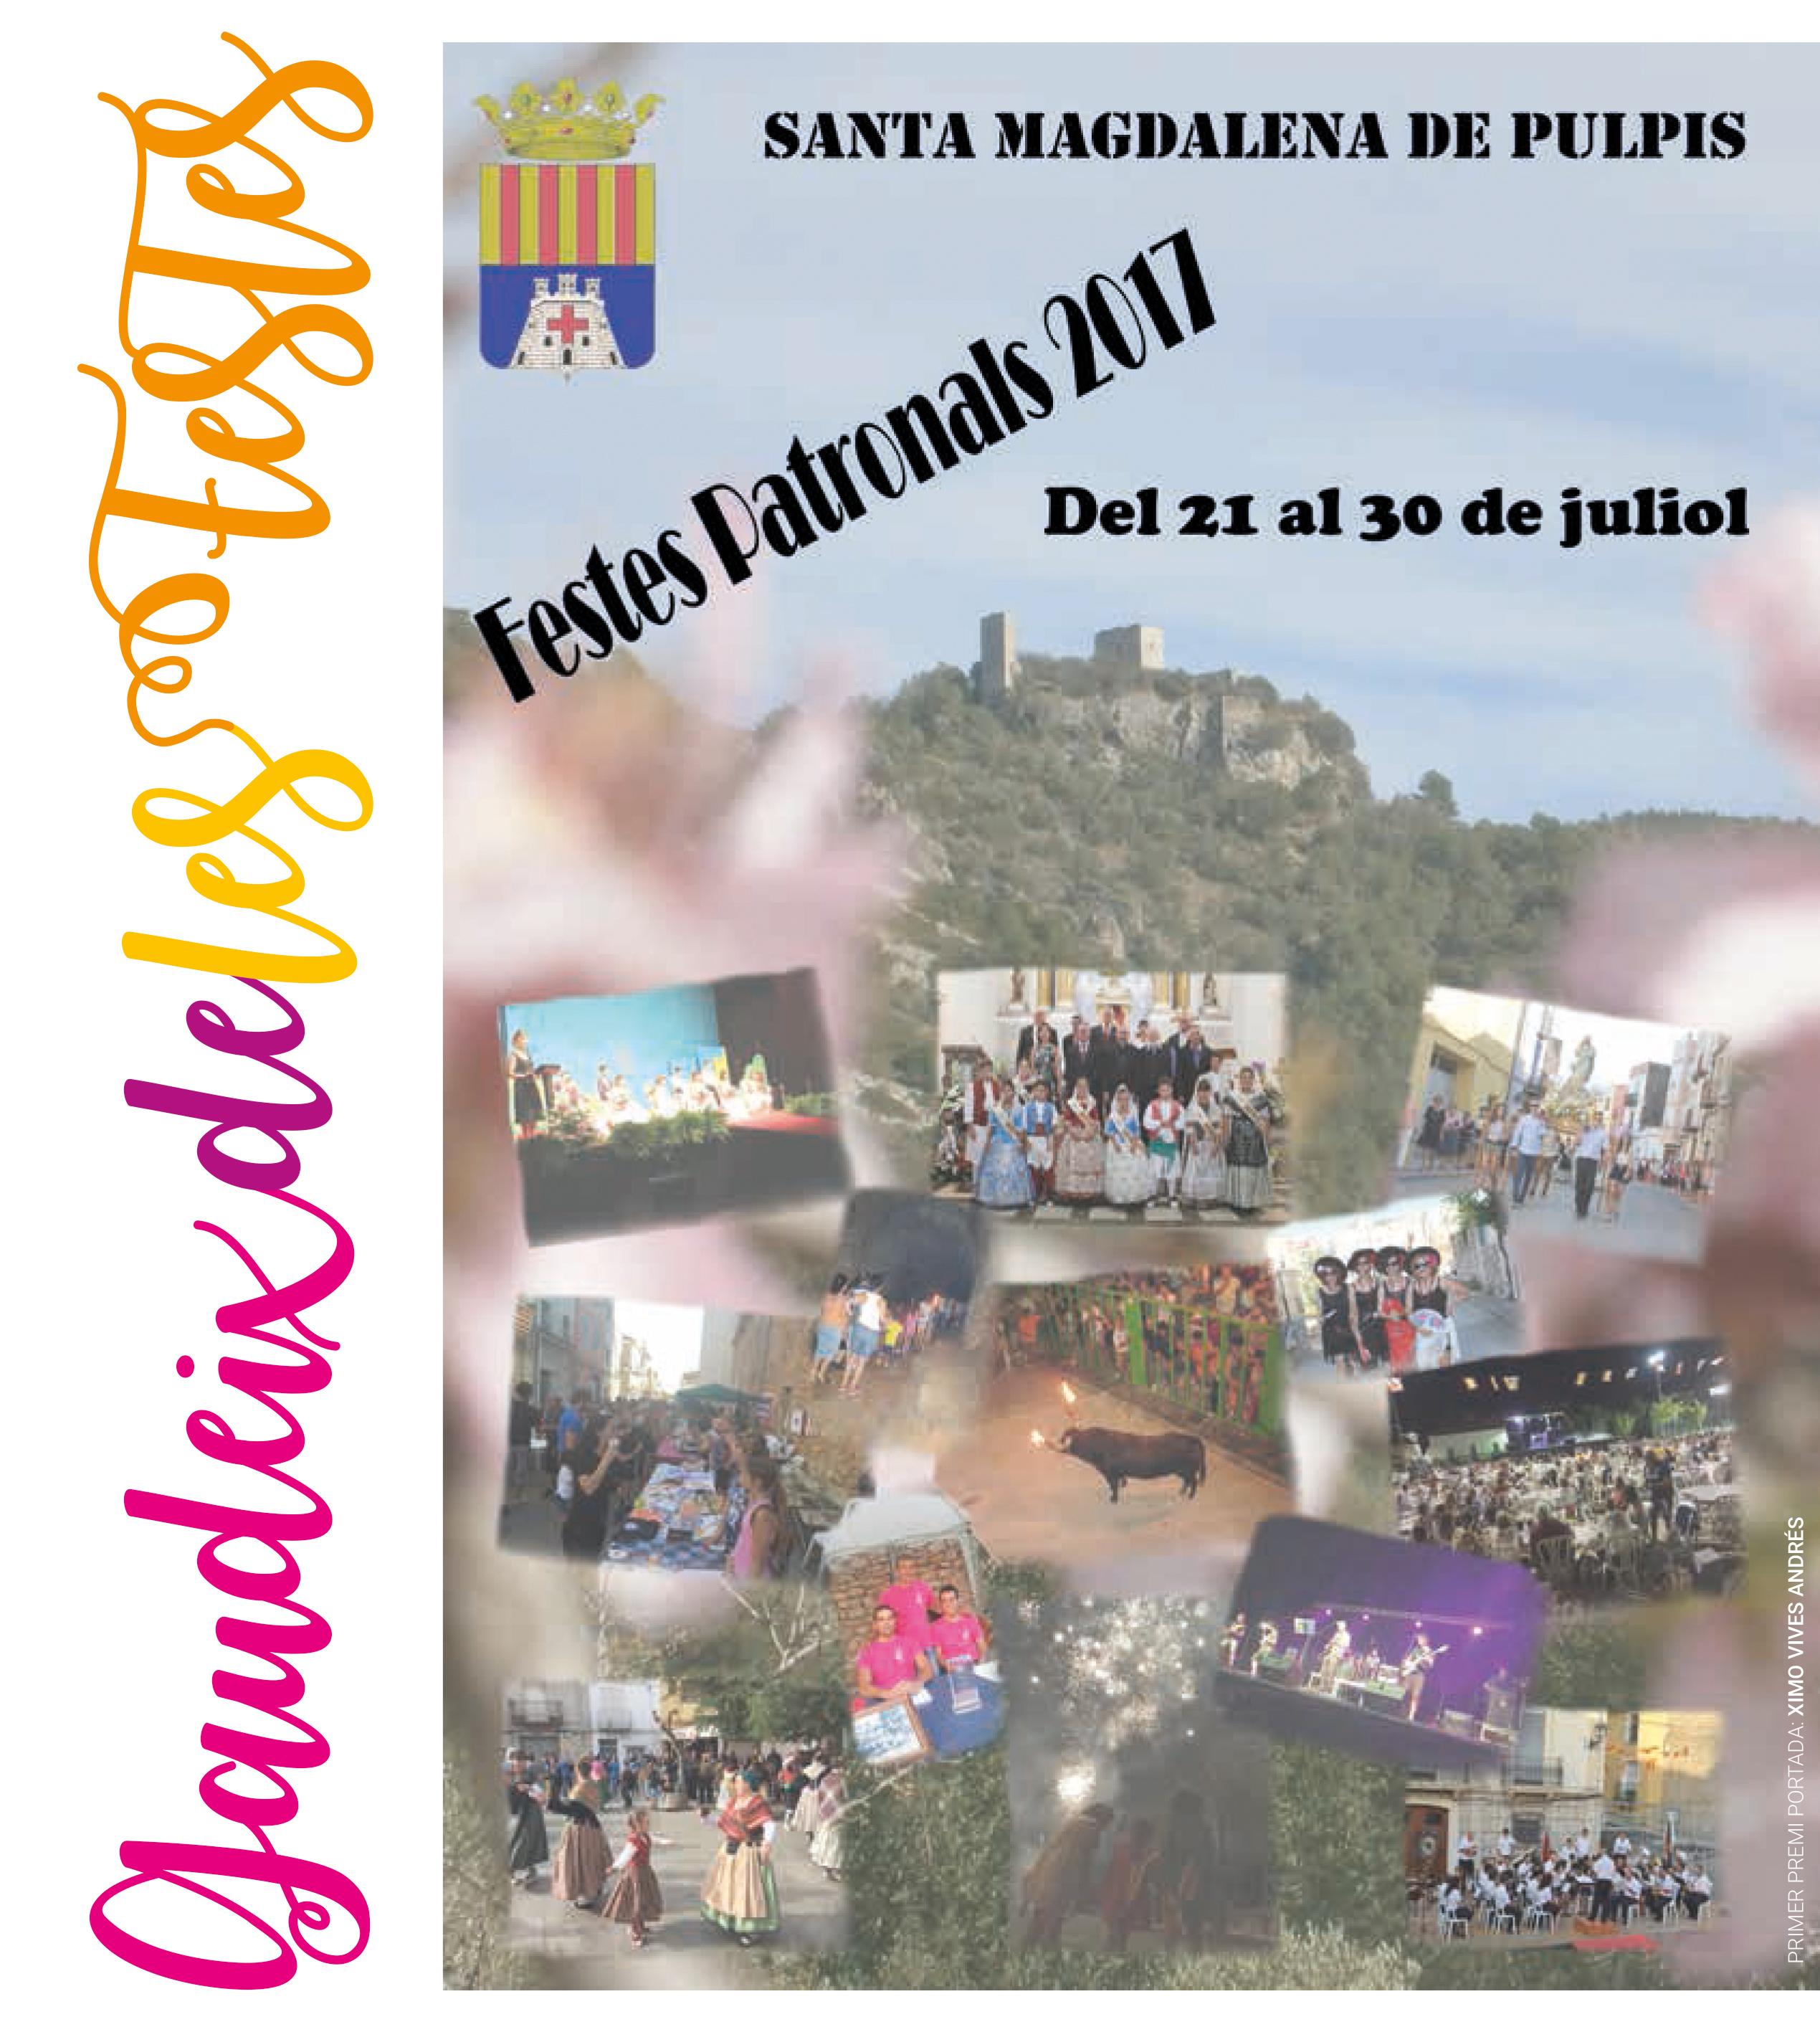 Festes Patronals de Santa Magdalena